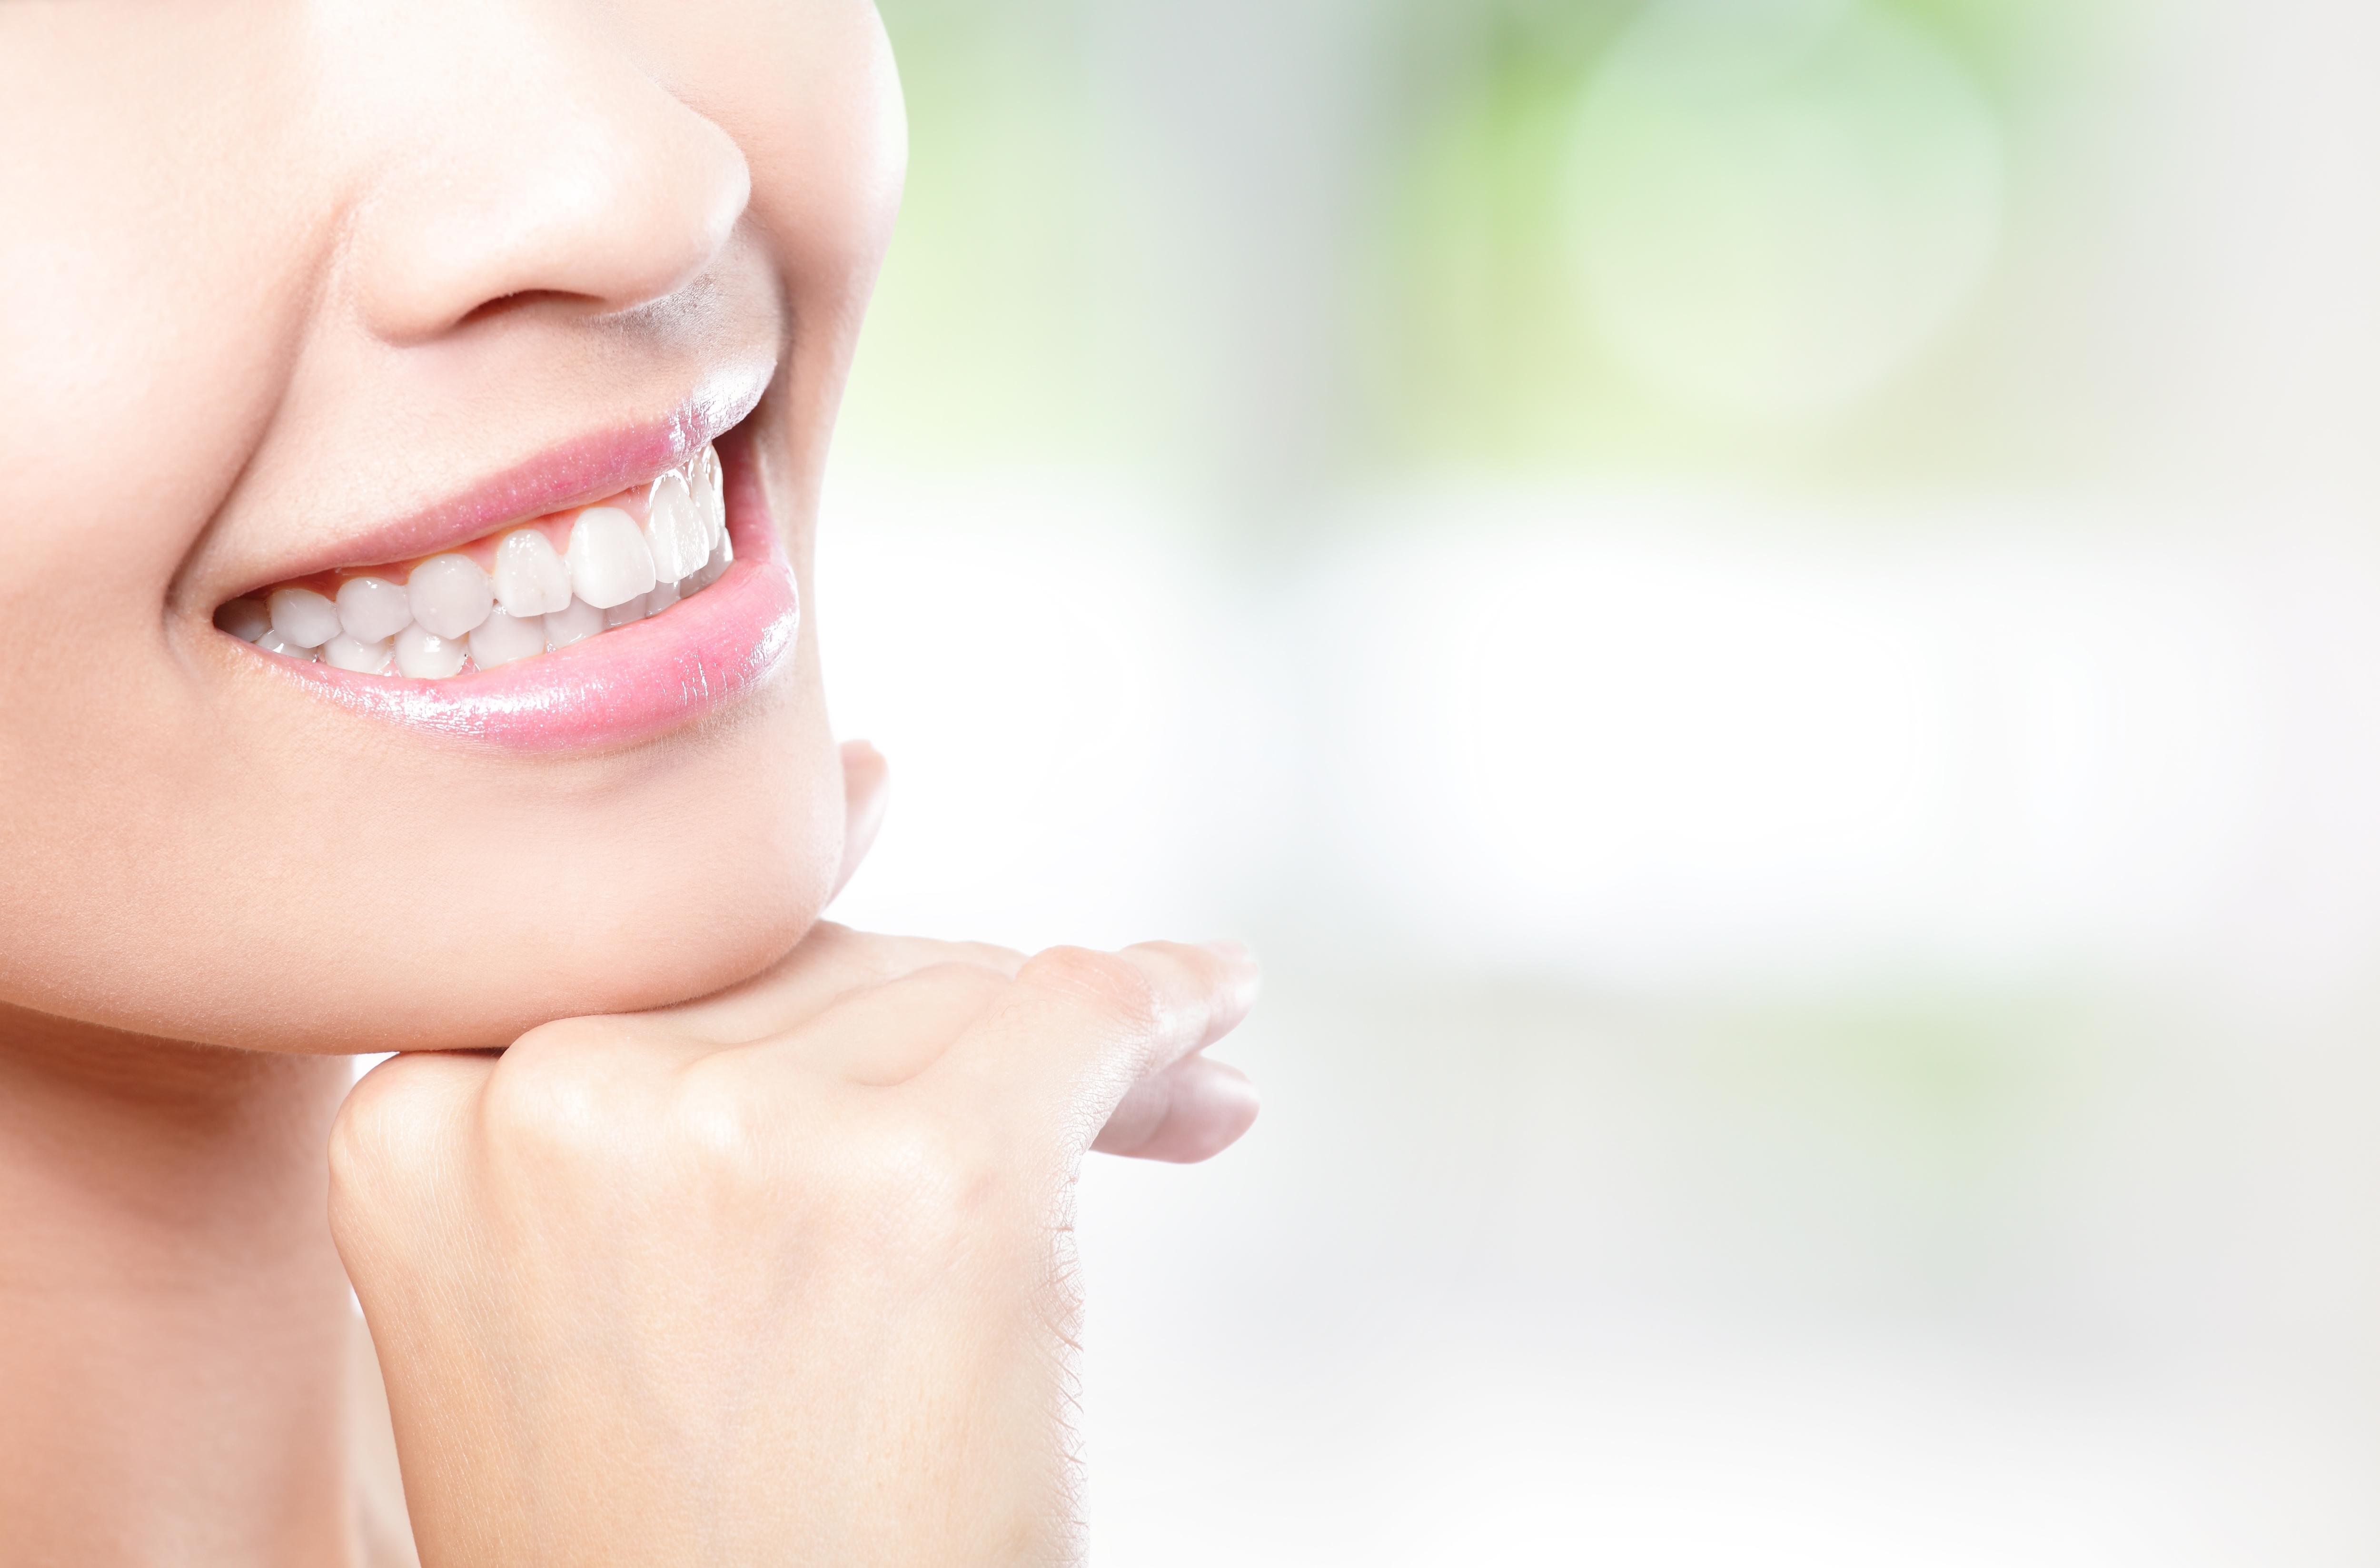 bigstock-Beautiful-Young-Woman-Teeth-Cl-49719305.jpg